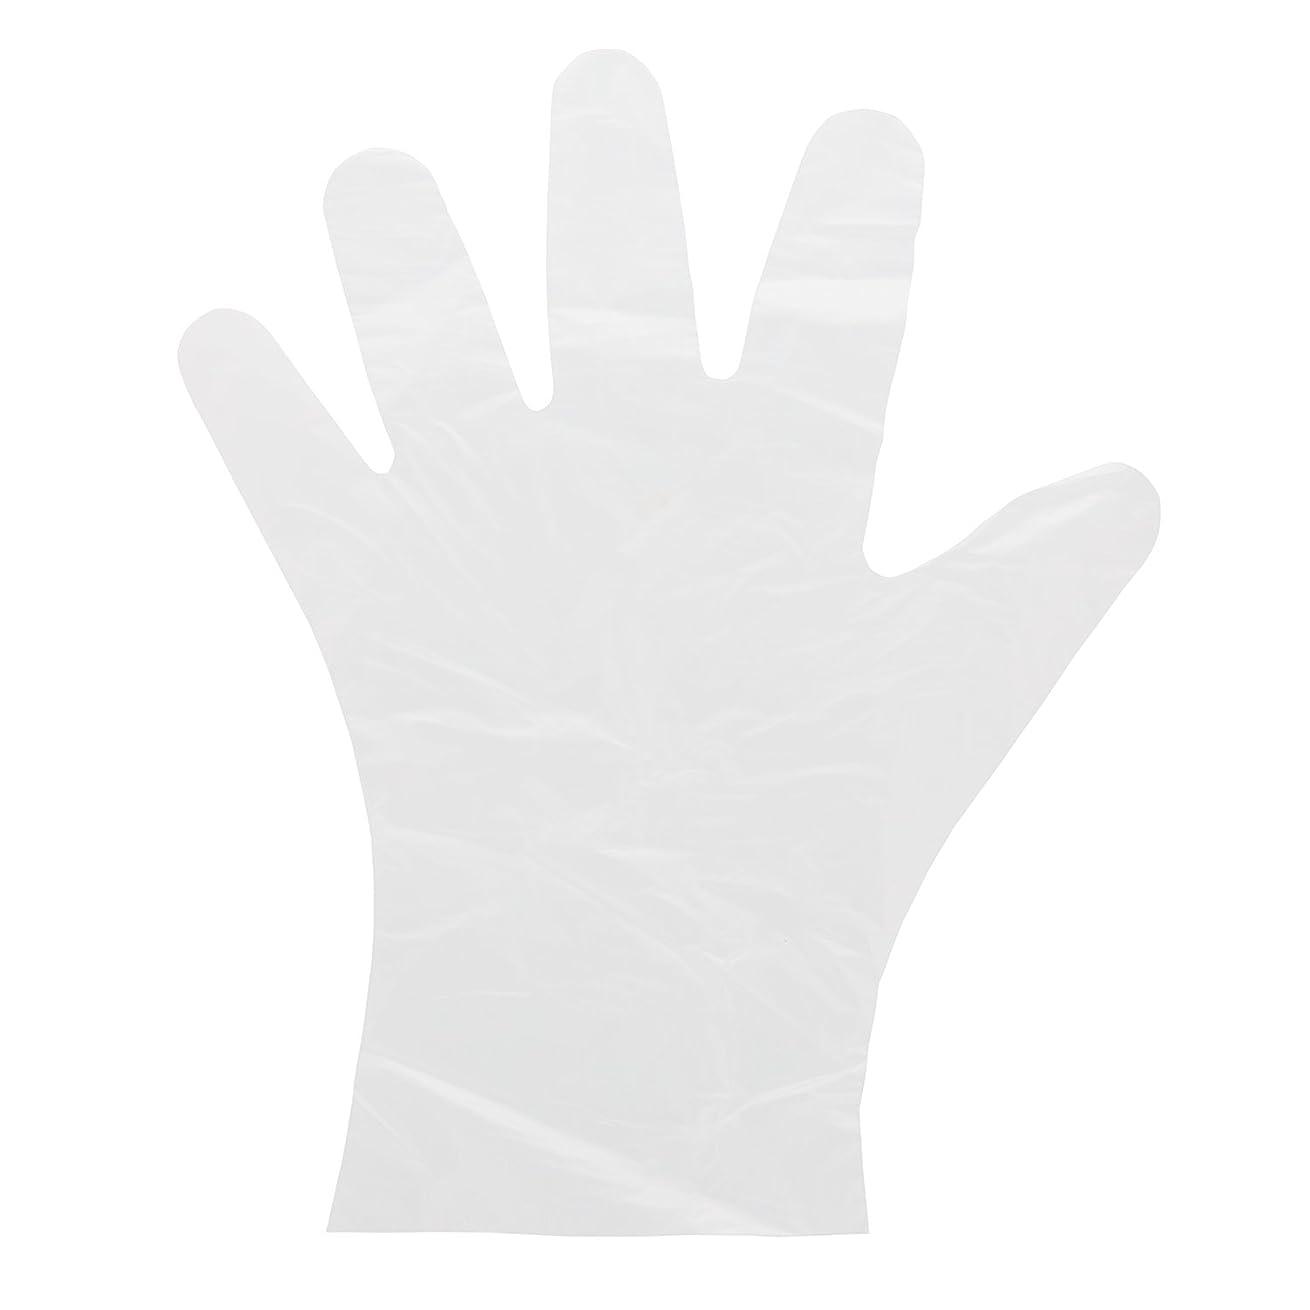 つぶやきコンピューターを使用する振動するAmercare Foodguard HDPE使い捨て手袋、パウダーフリー、ケースの1000 M 14992-C